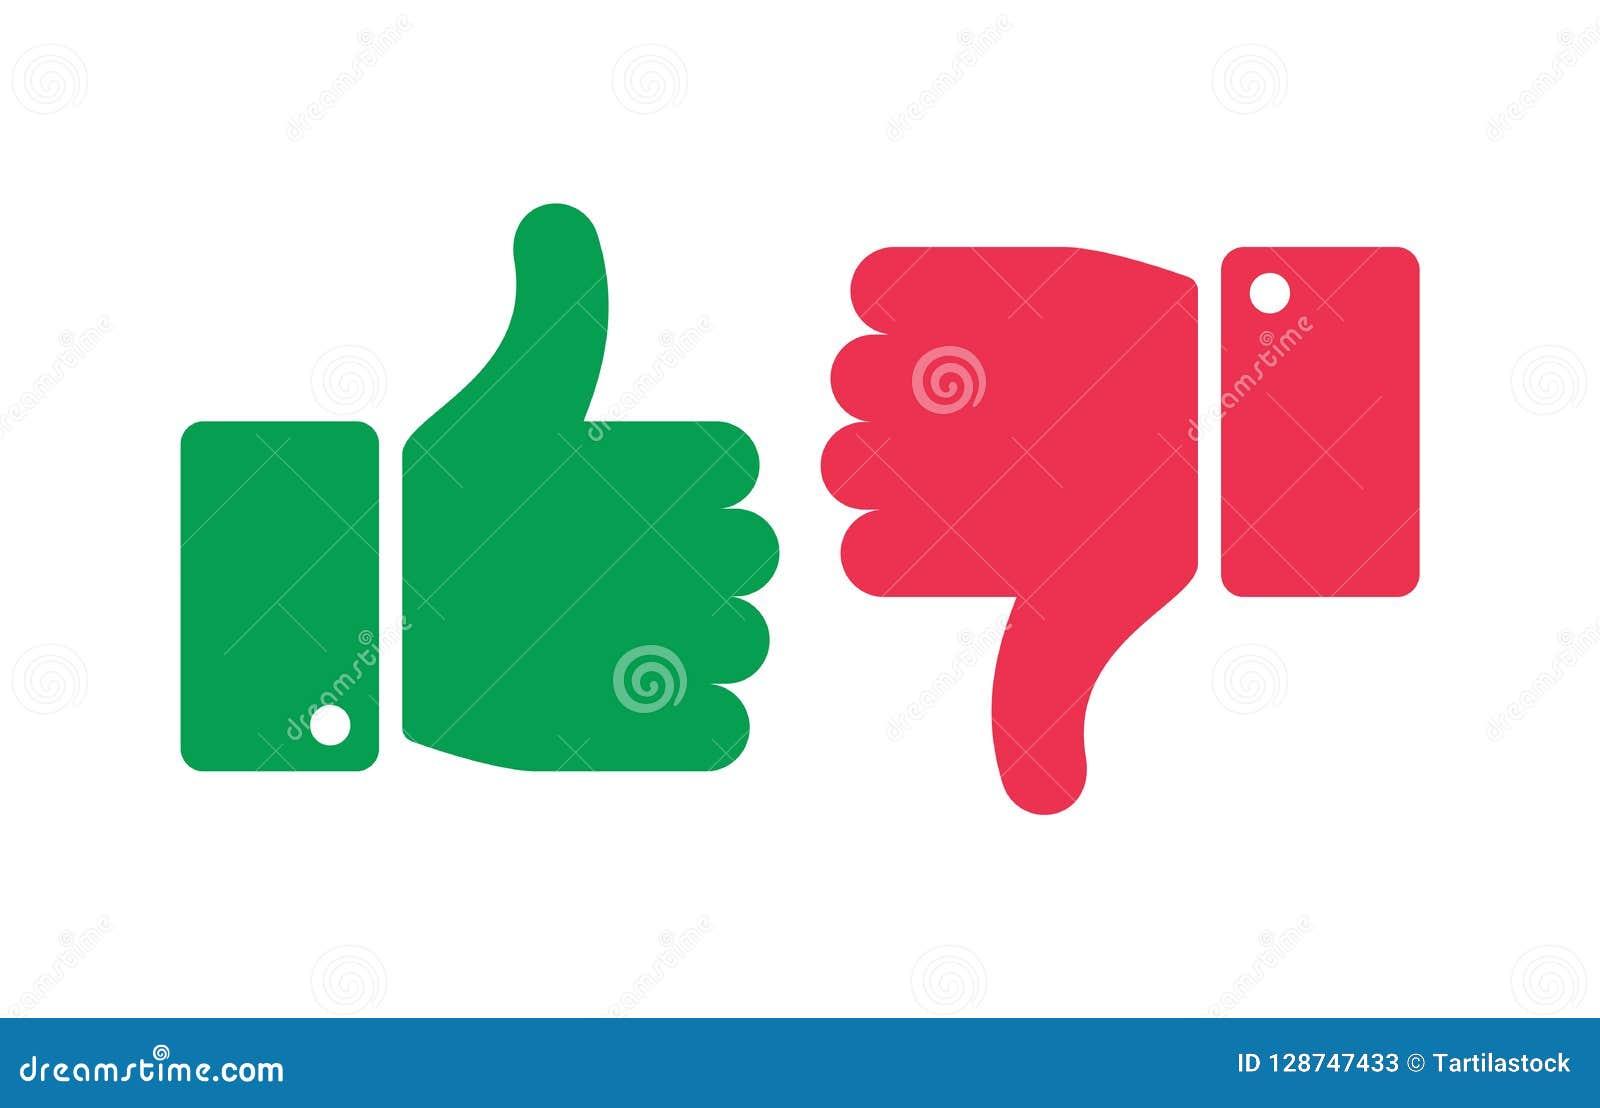 象不同的按钮 赞许和下来被隔绝的象 是和没有手指,正面消极标记导航标志